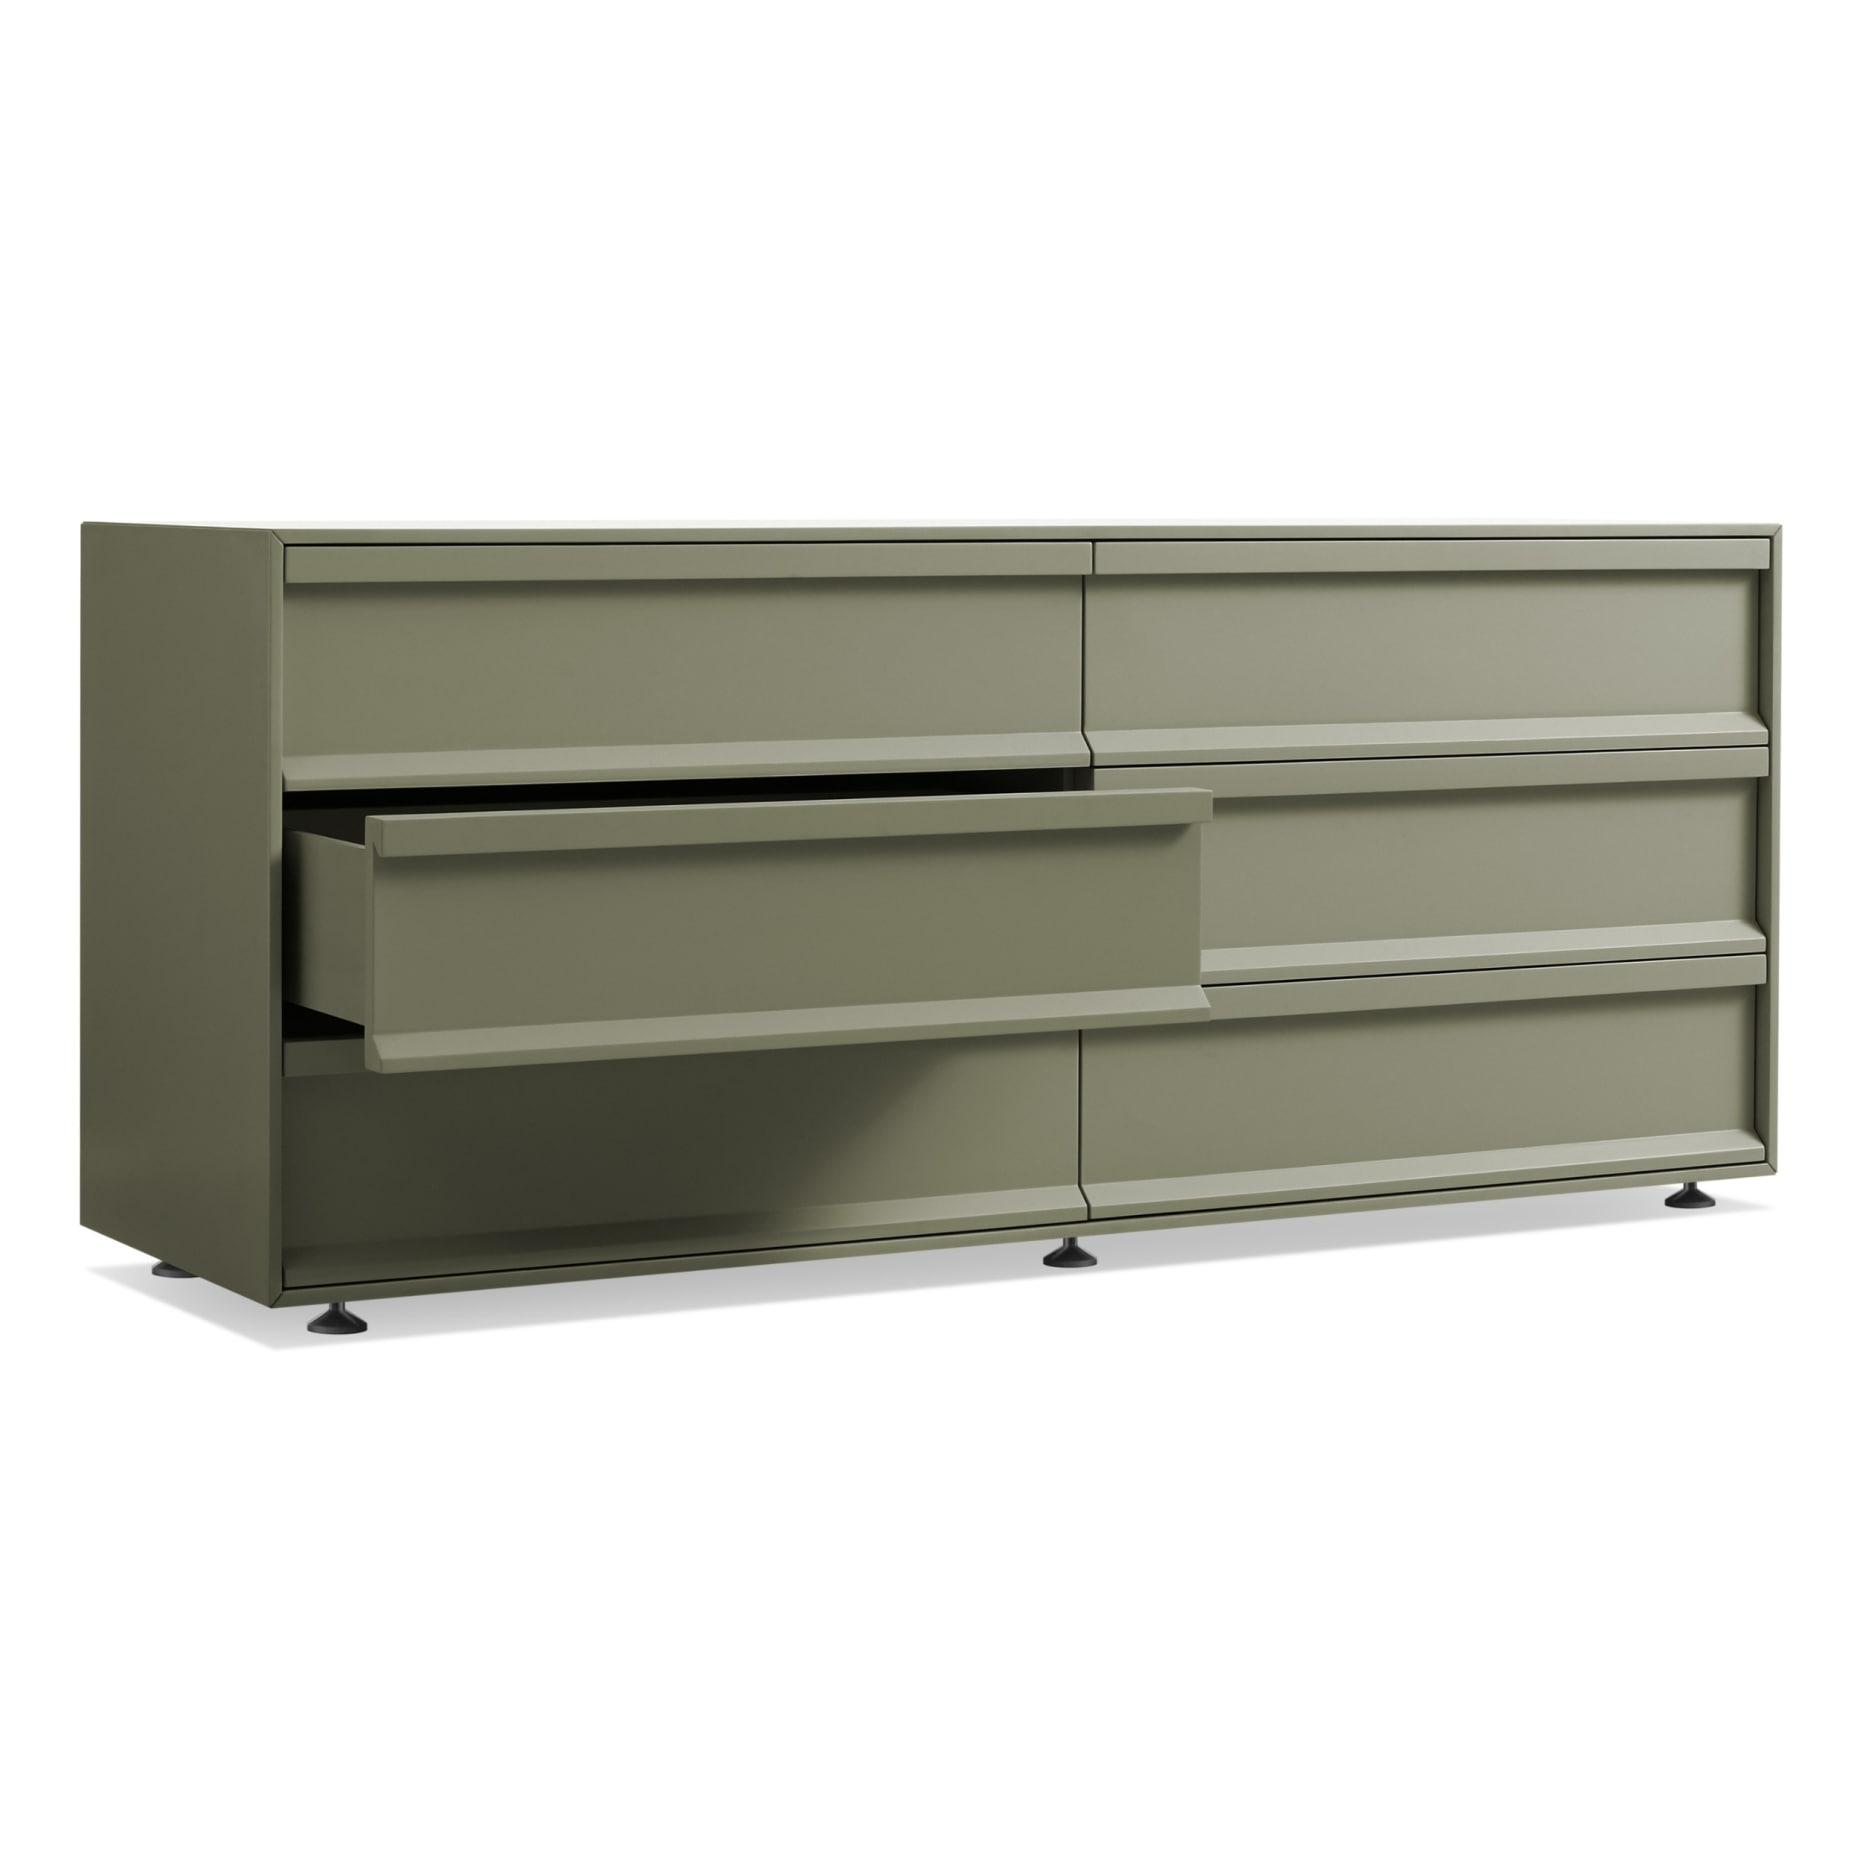 sc1 6drawr gg 34open superchoice 6 drawer dresser grey green